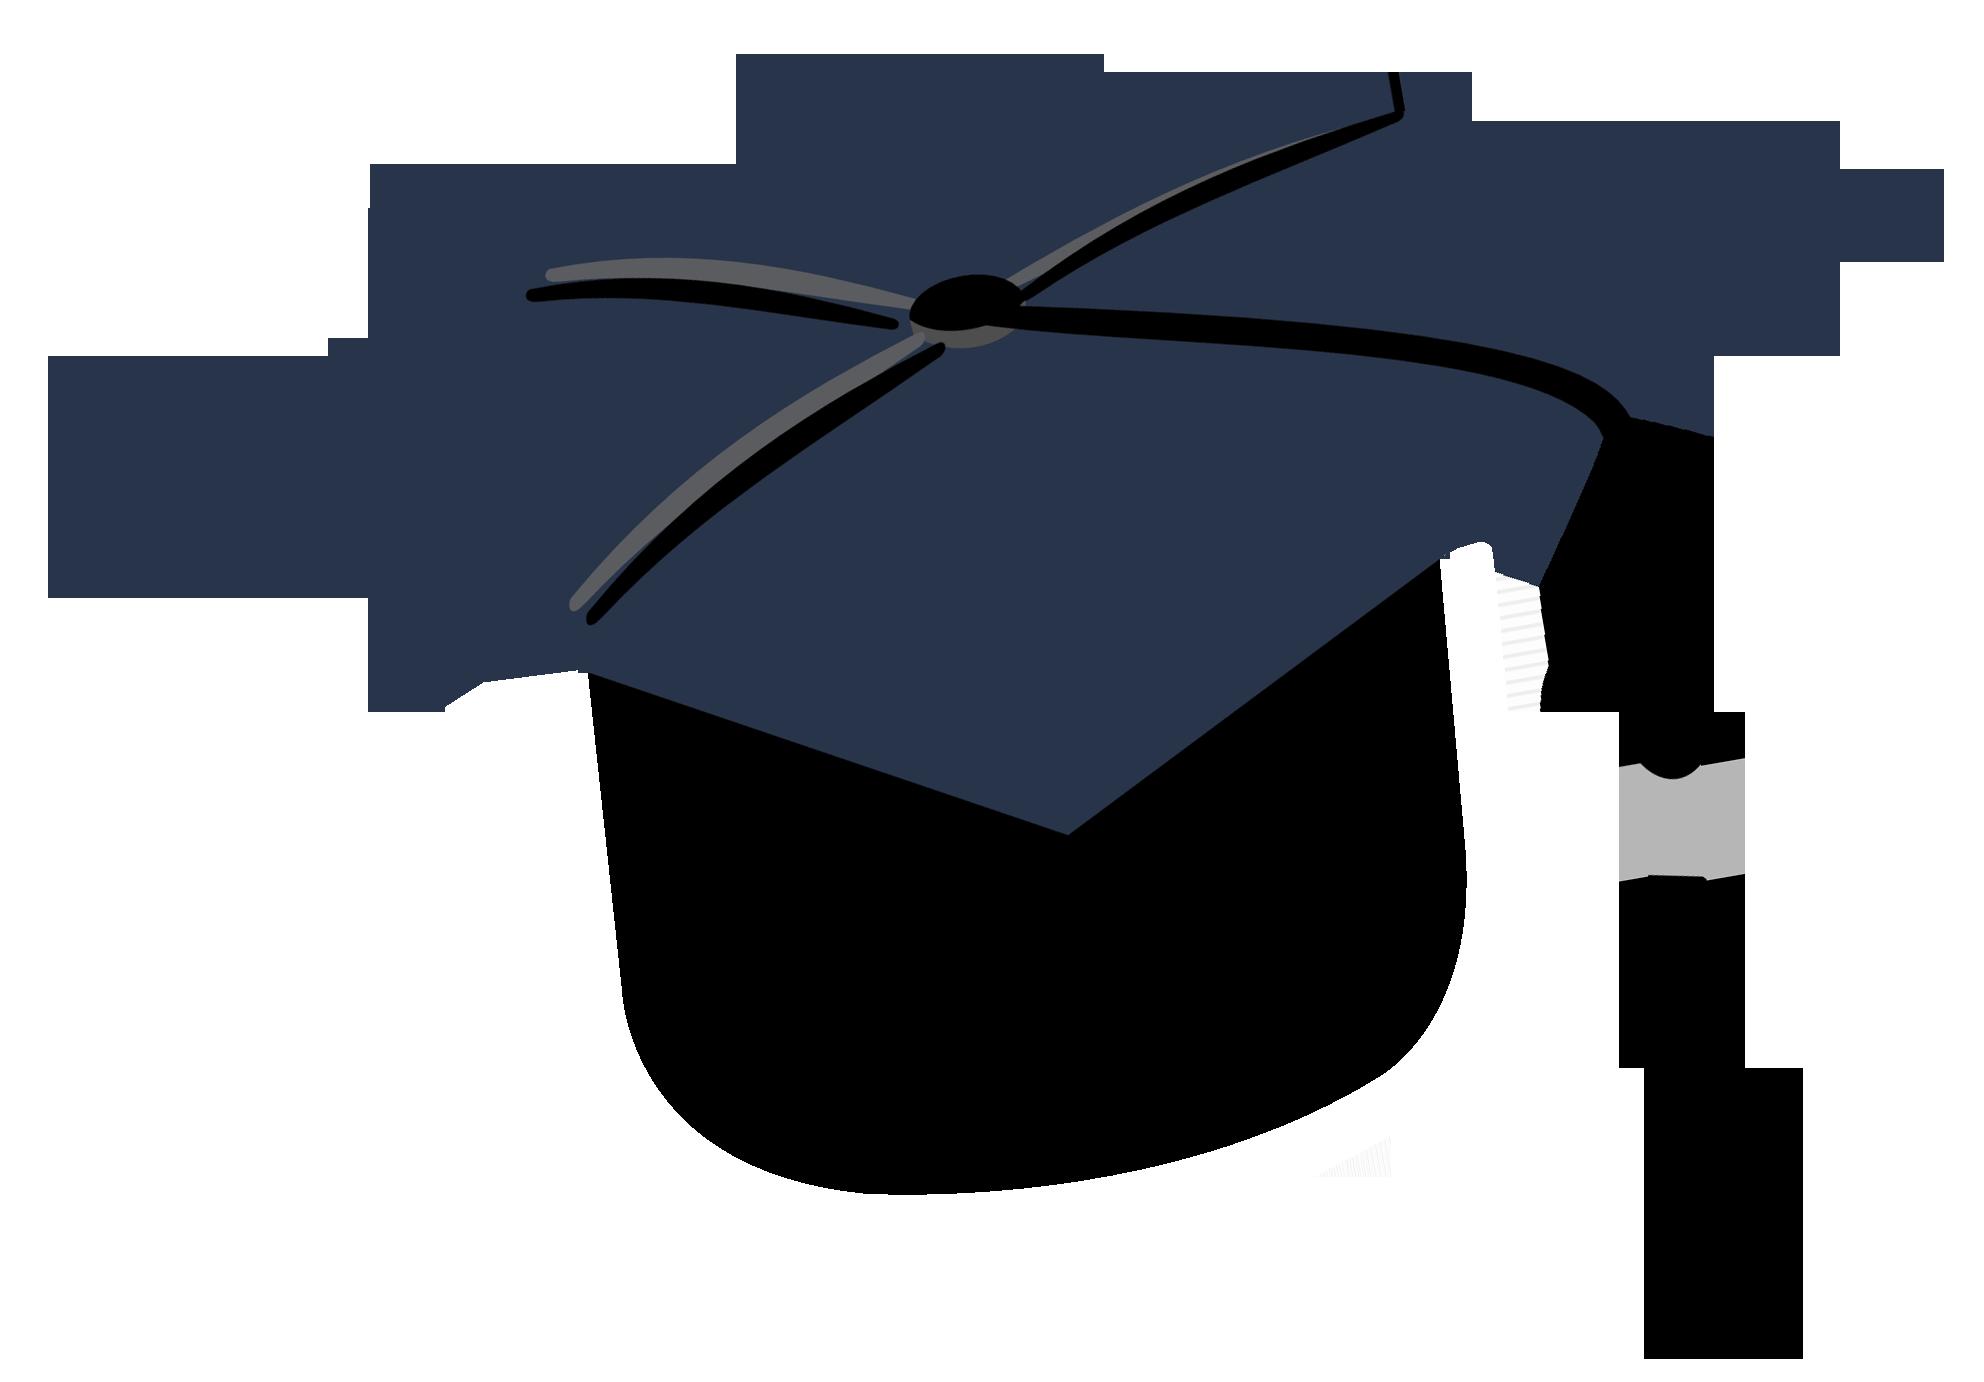 Graduation Hat Cap Png Image Graduation Hat Cap Graduation